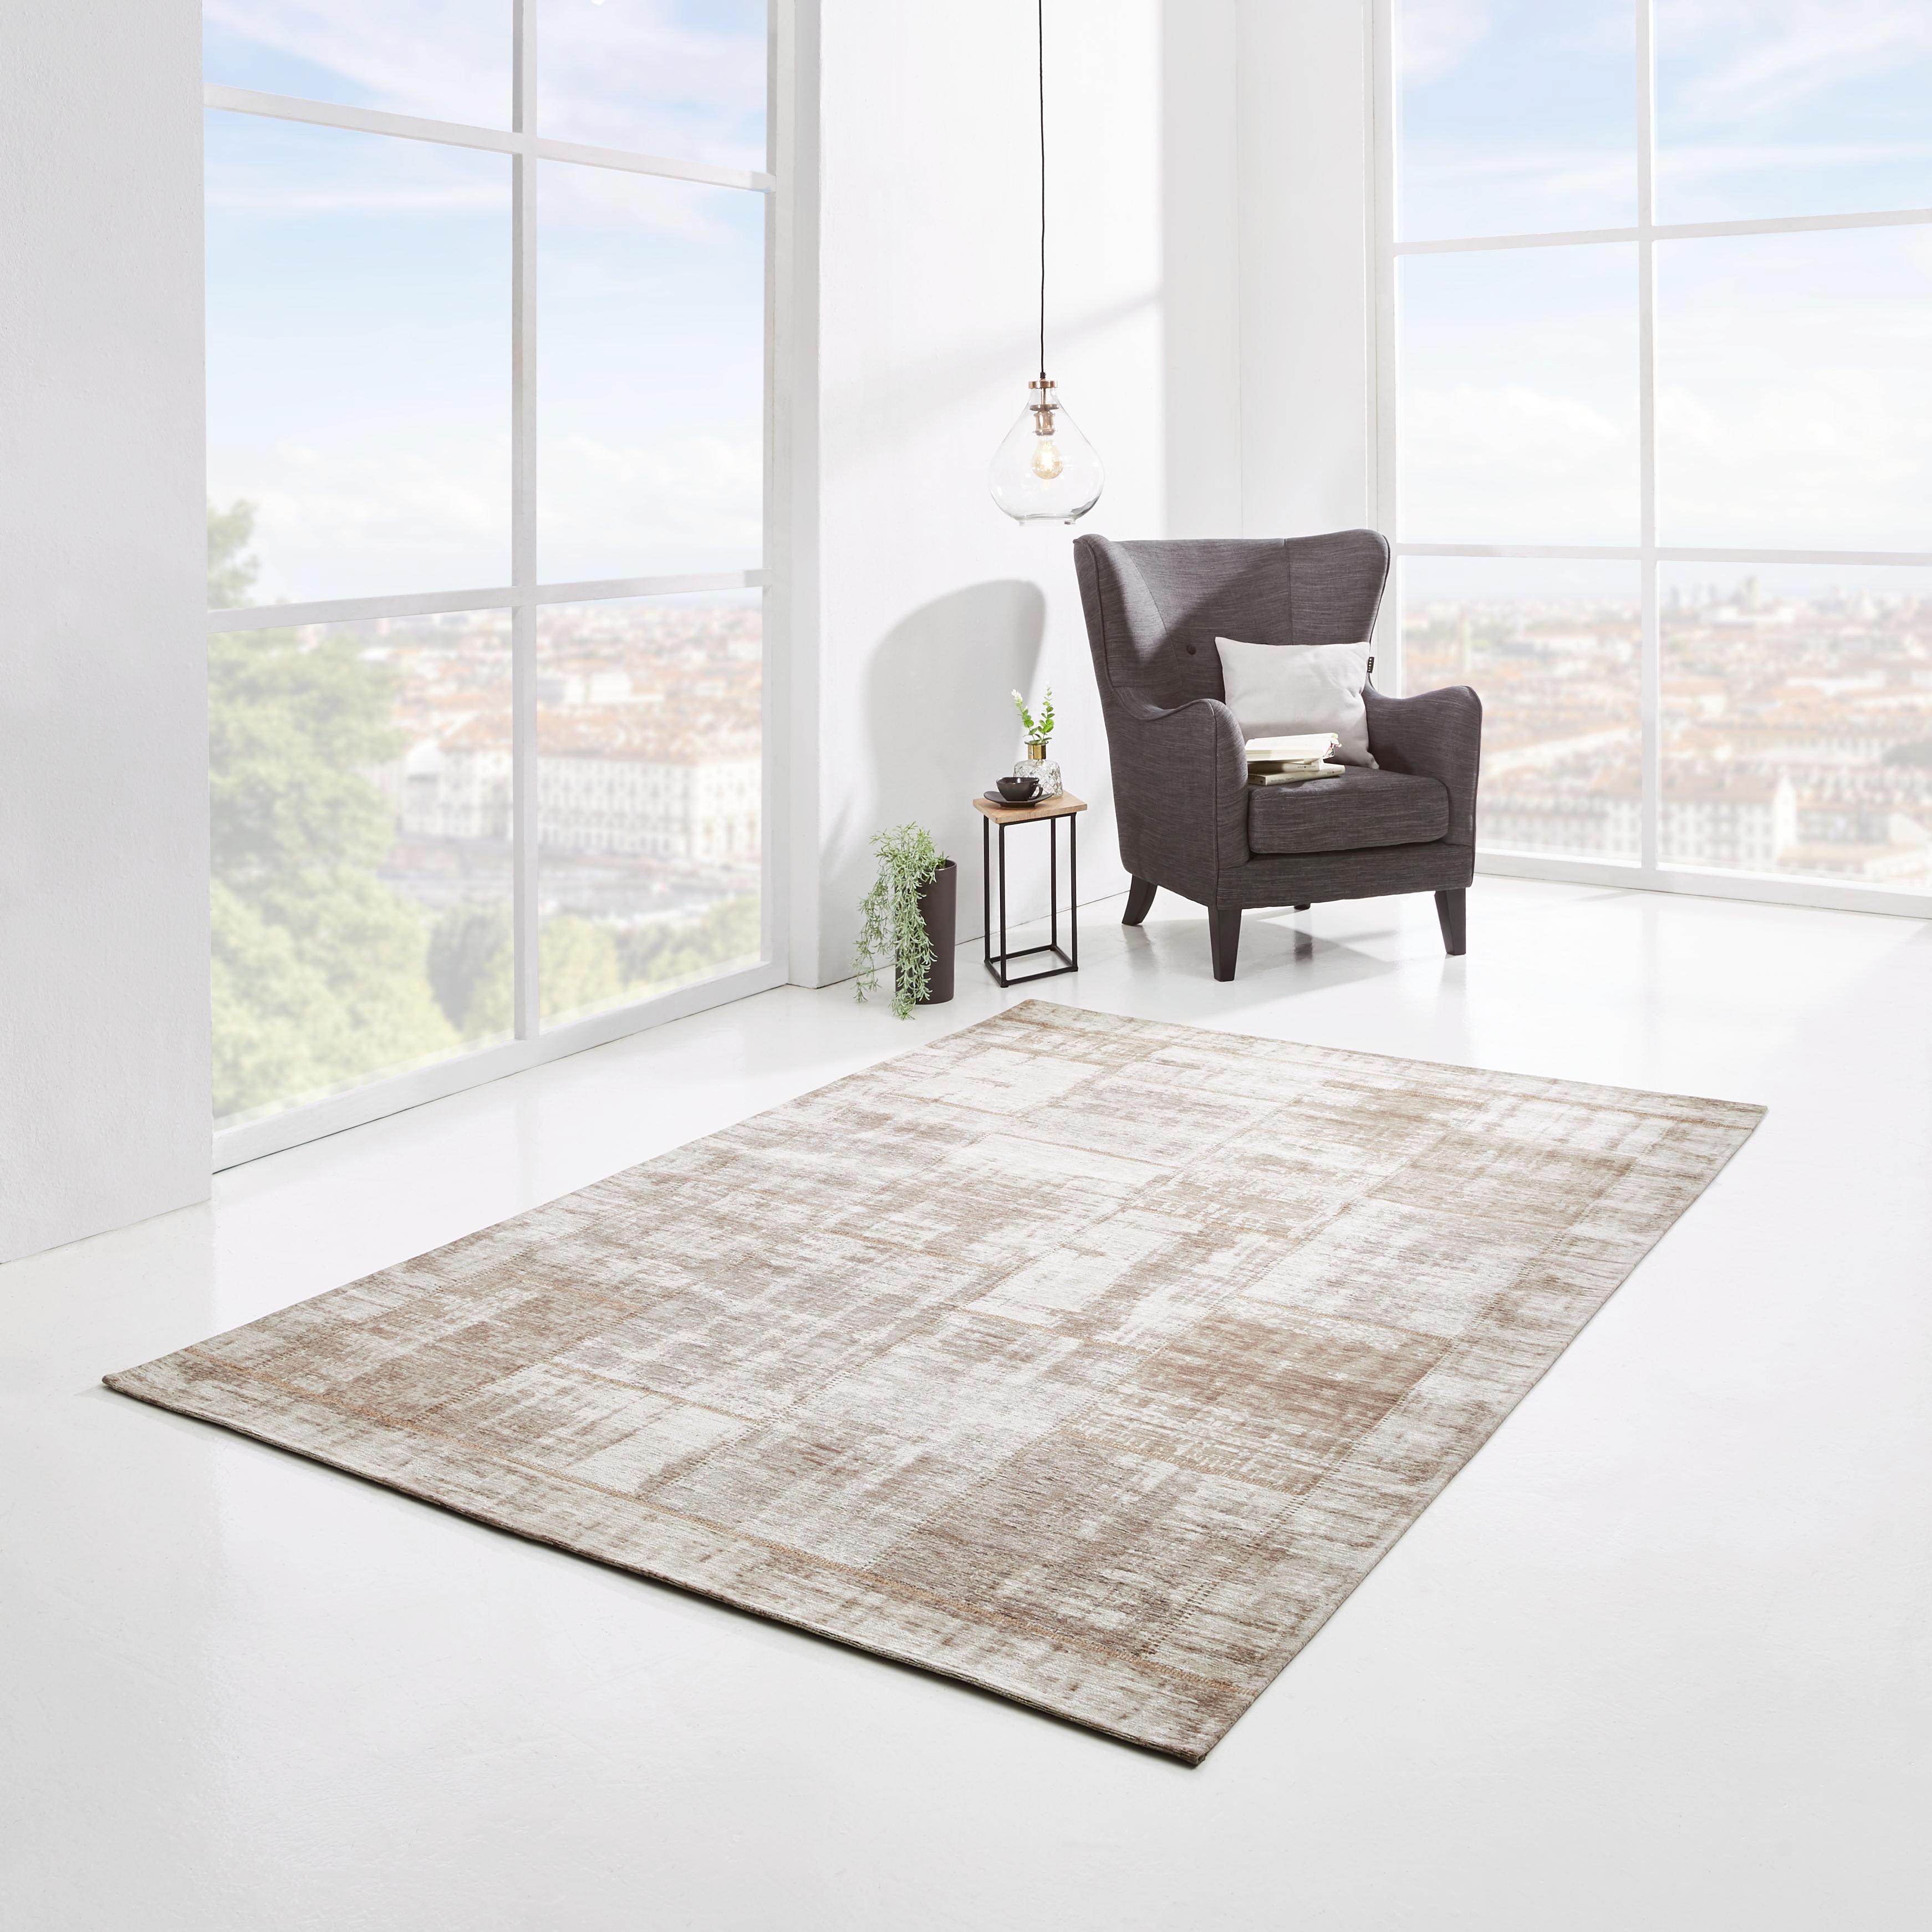 FLACHWEBETEPPICH  Beige  80/150 cm - Beige, Basics, Textil (80/150cm) - NOVEL